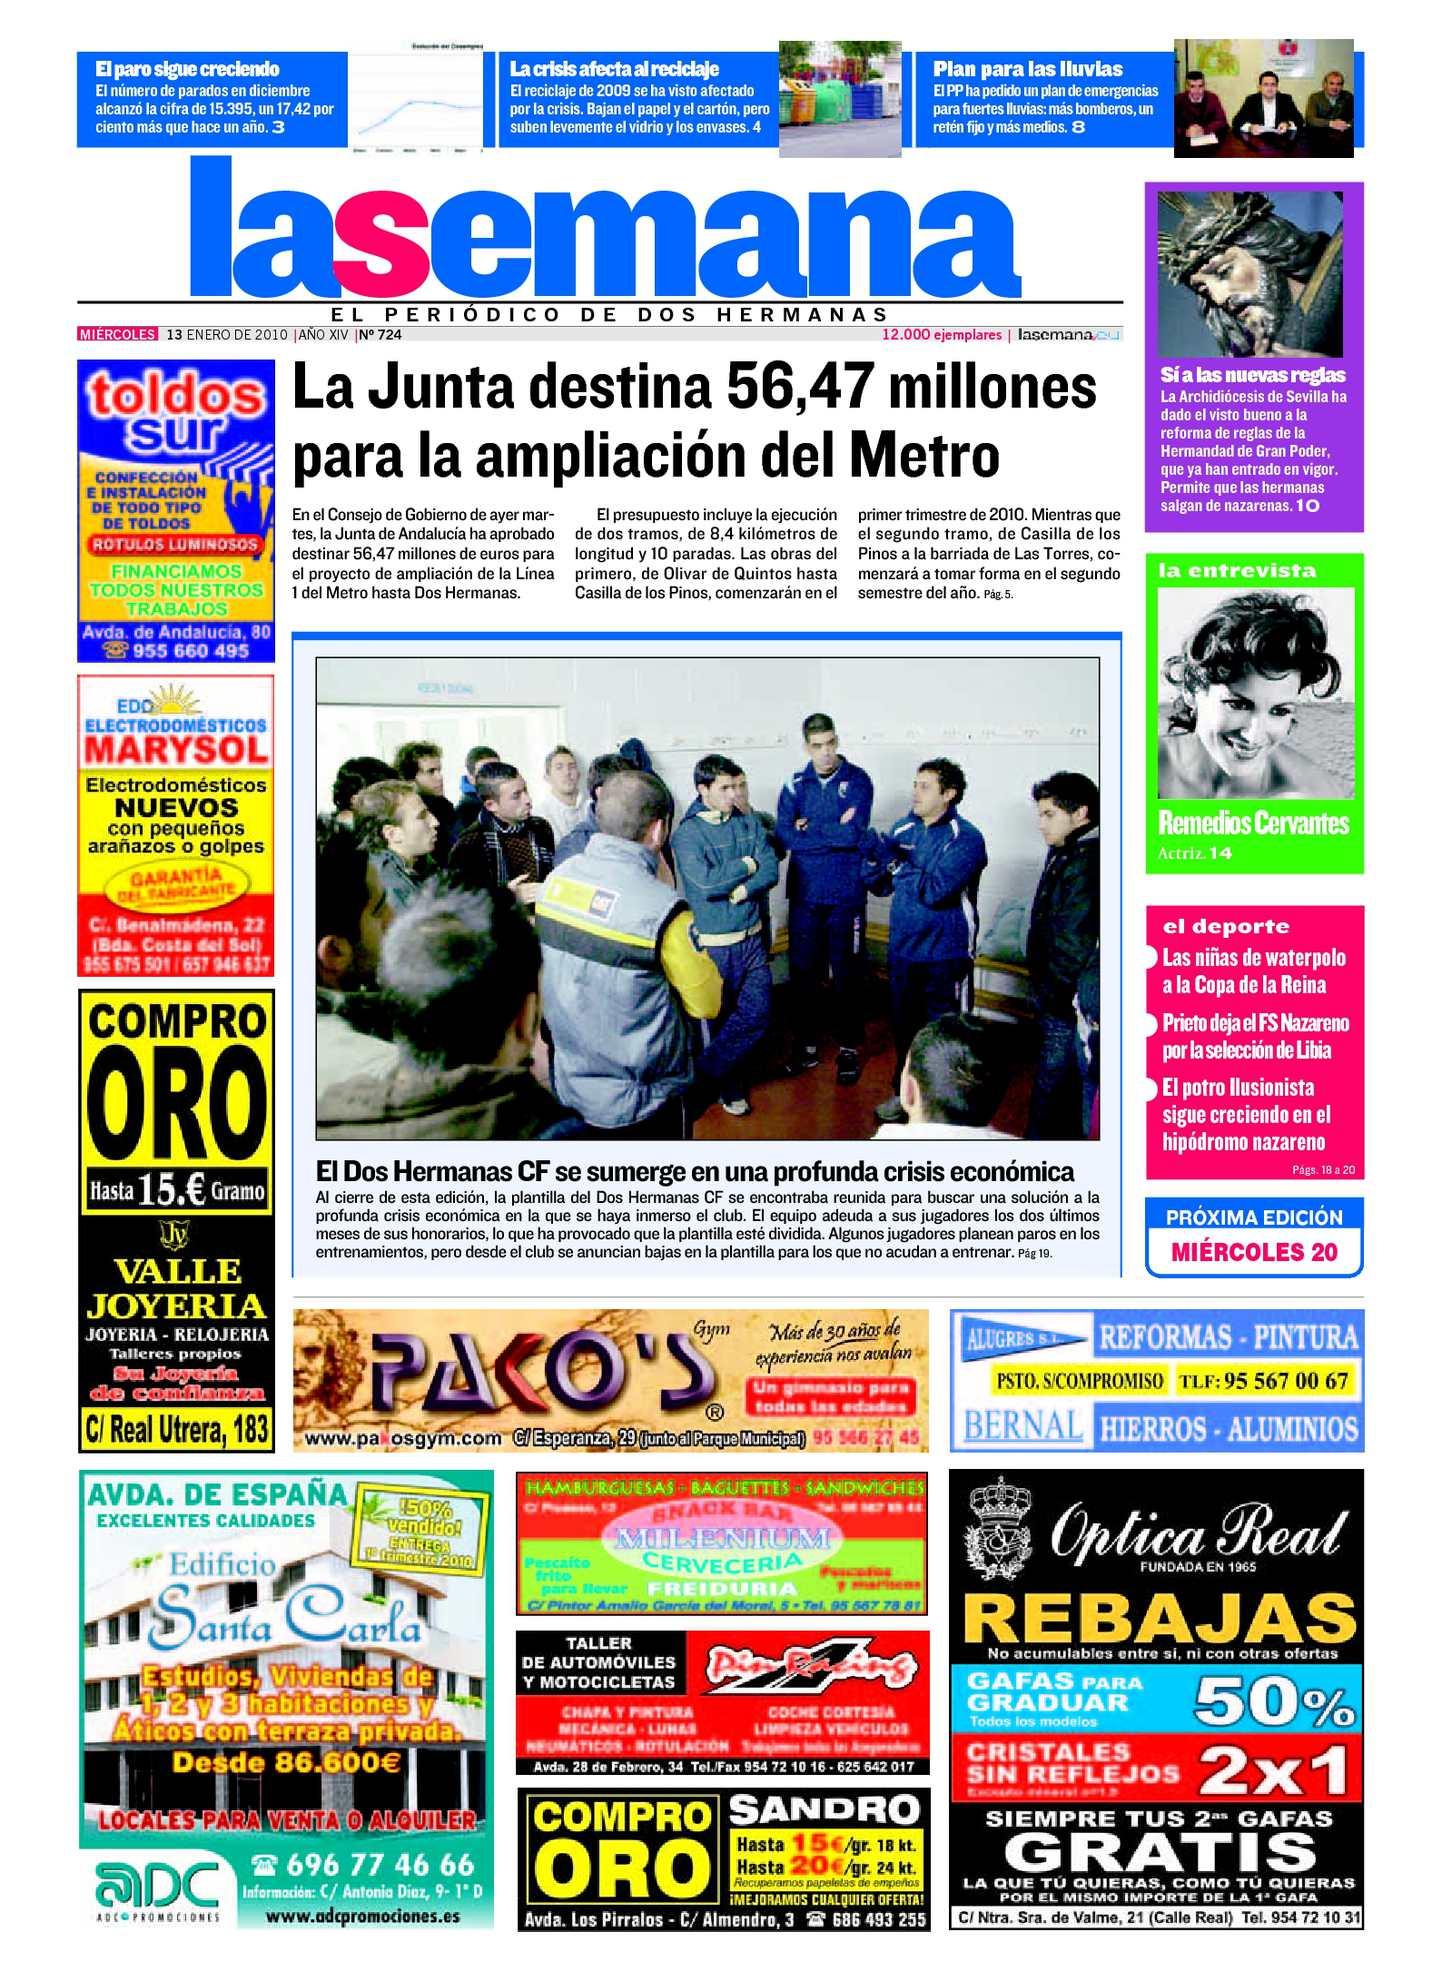 Calaméo - Periódico La Semana de Dos Hermanas Nº 724. 13/1/2010